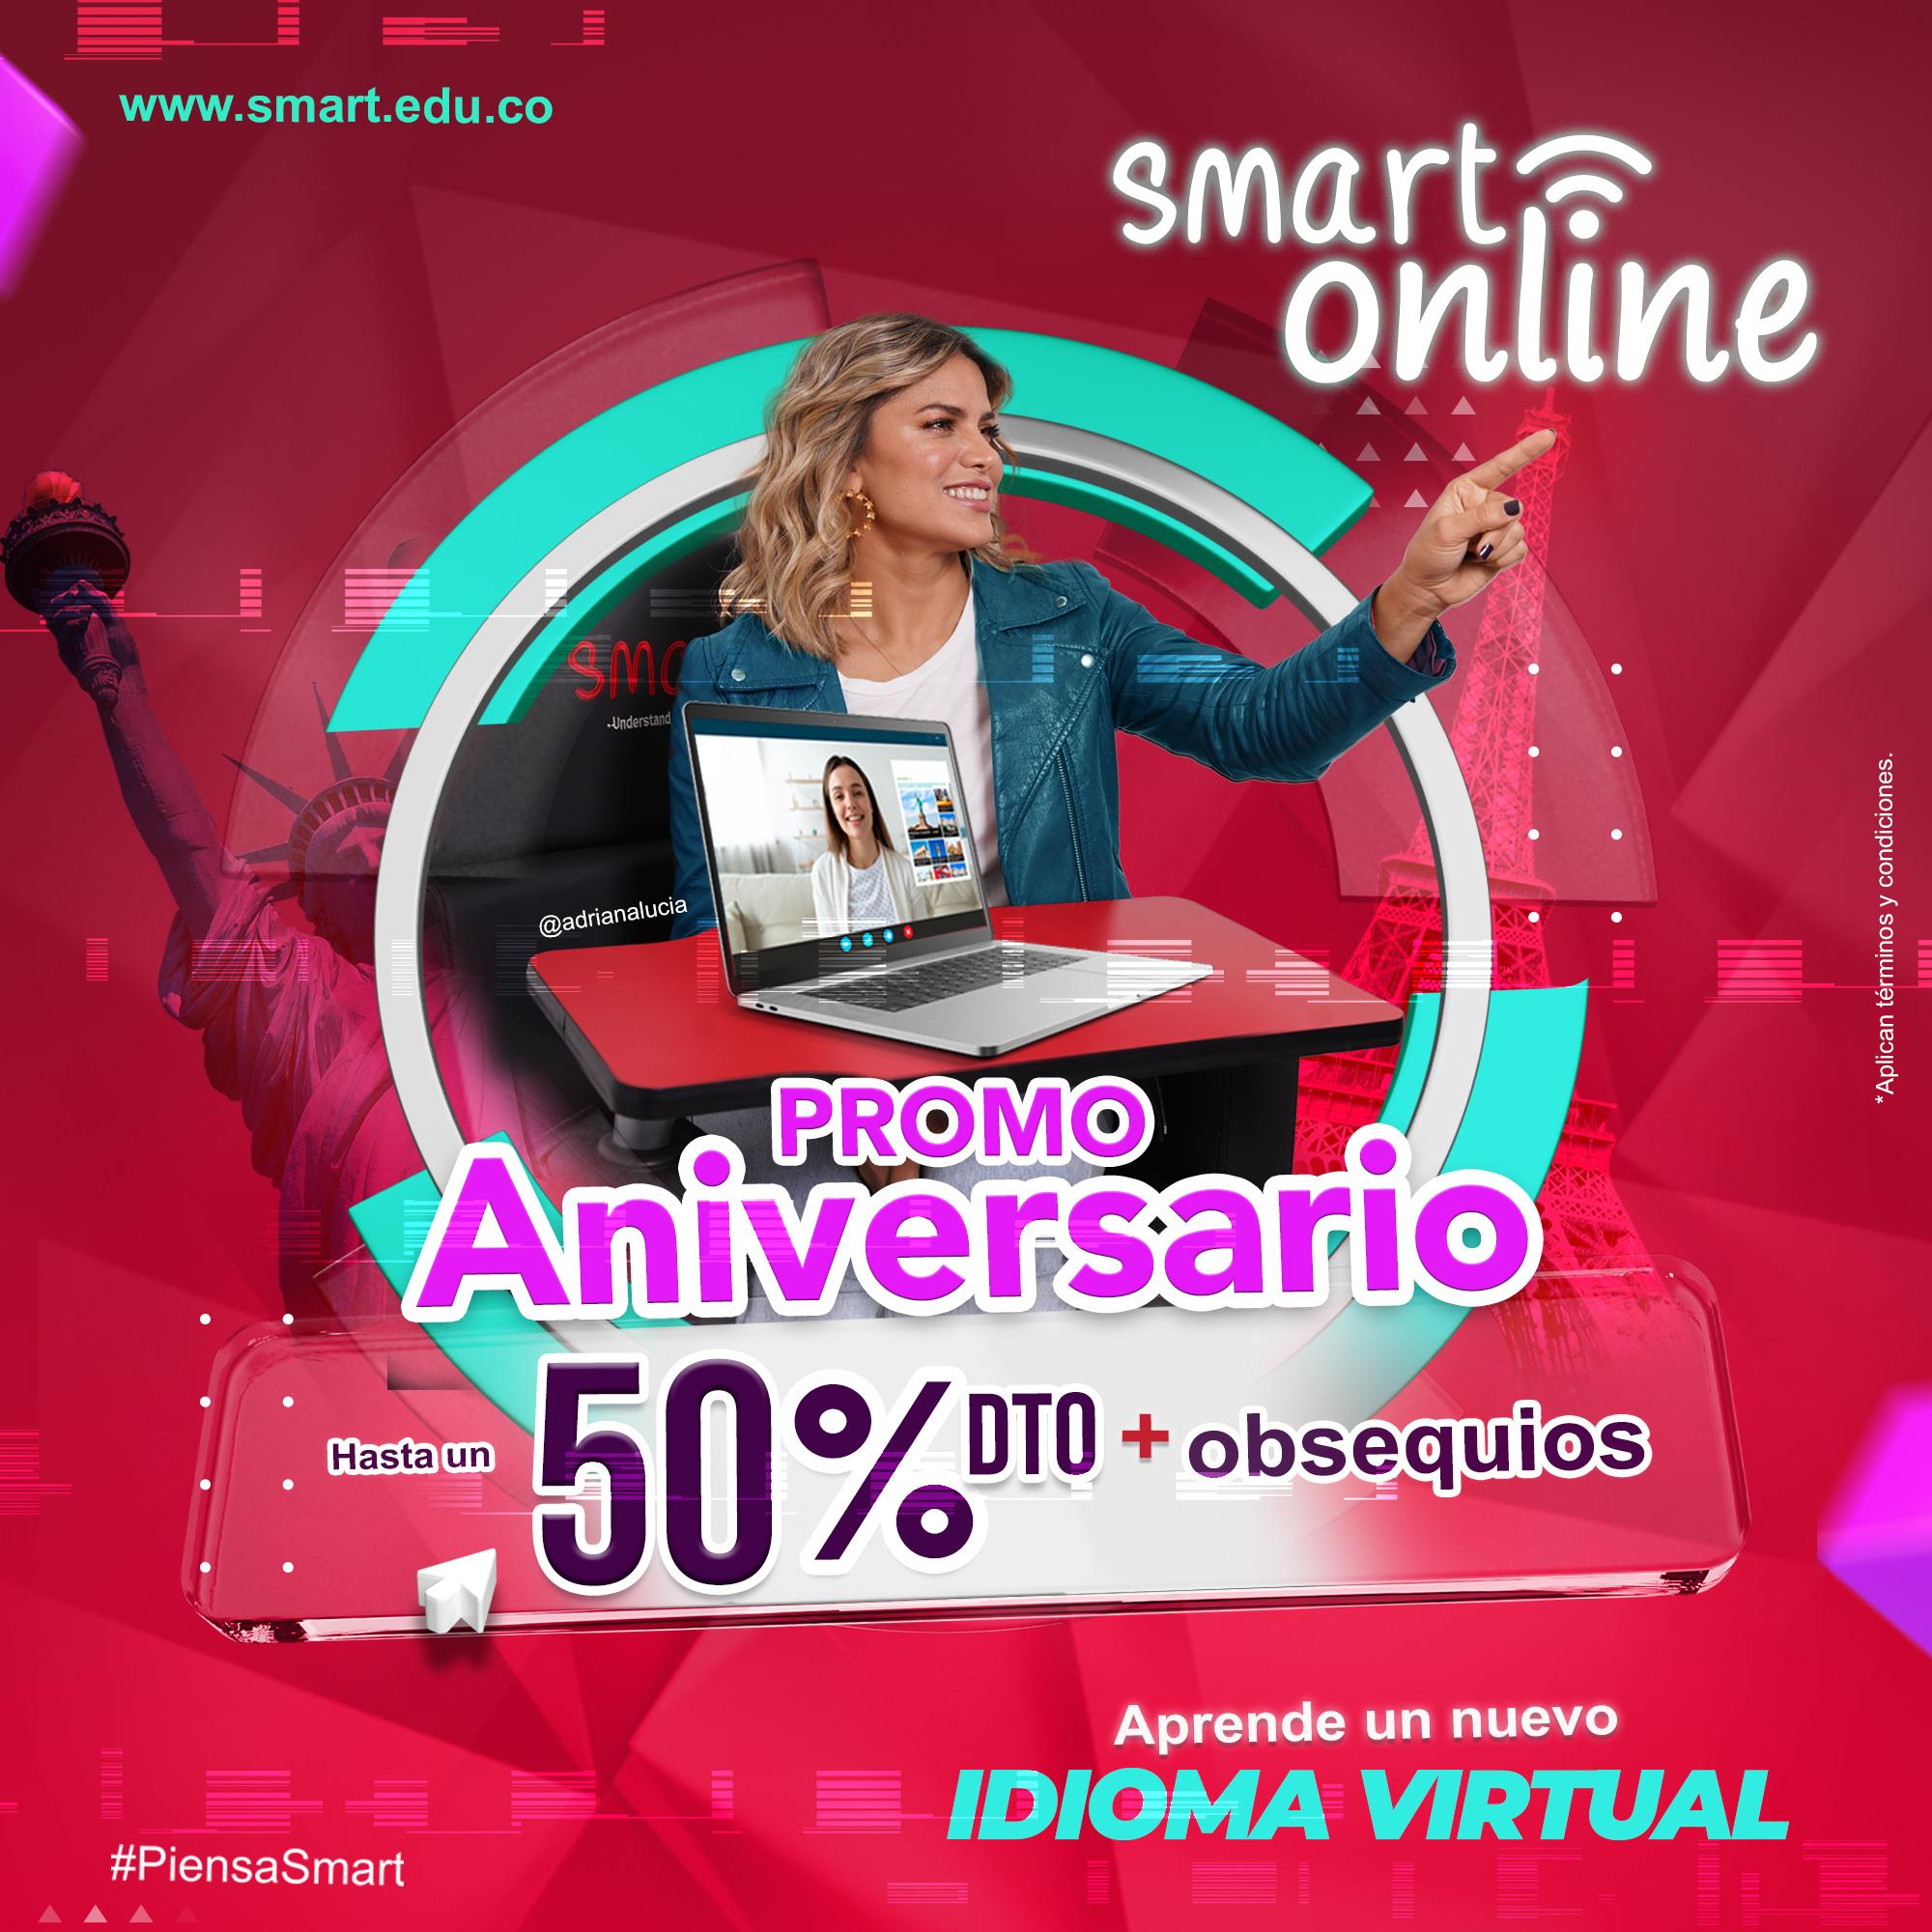 Curso De Ingles Grupal Con Nuestra Plataforma Smart Online Smart